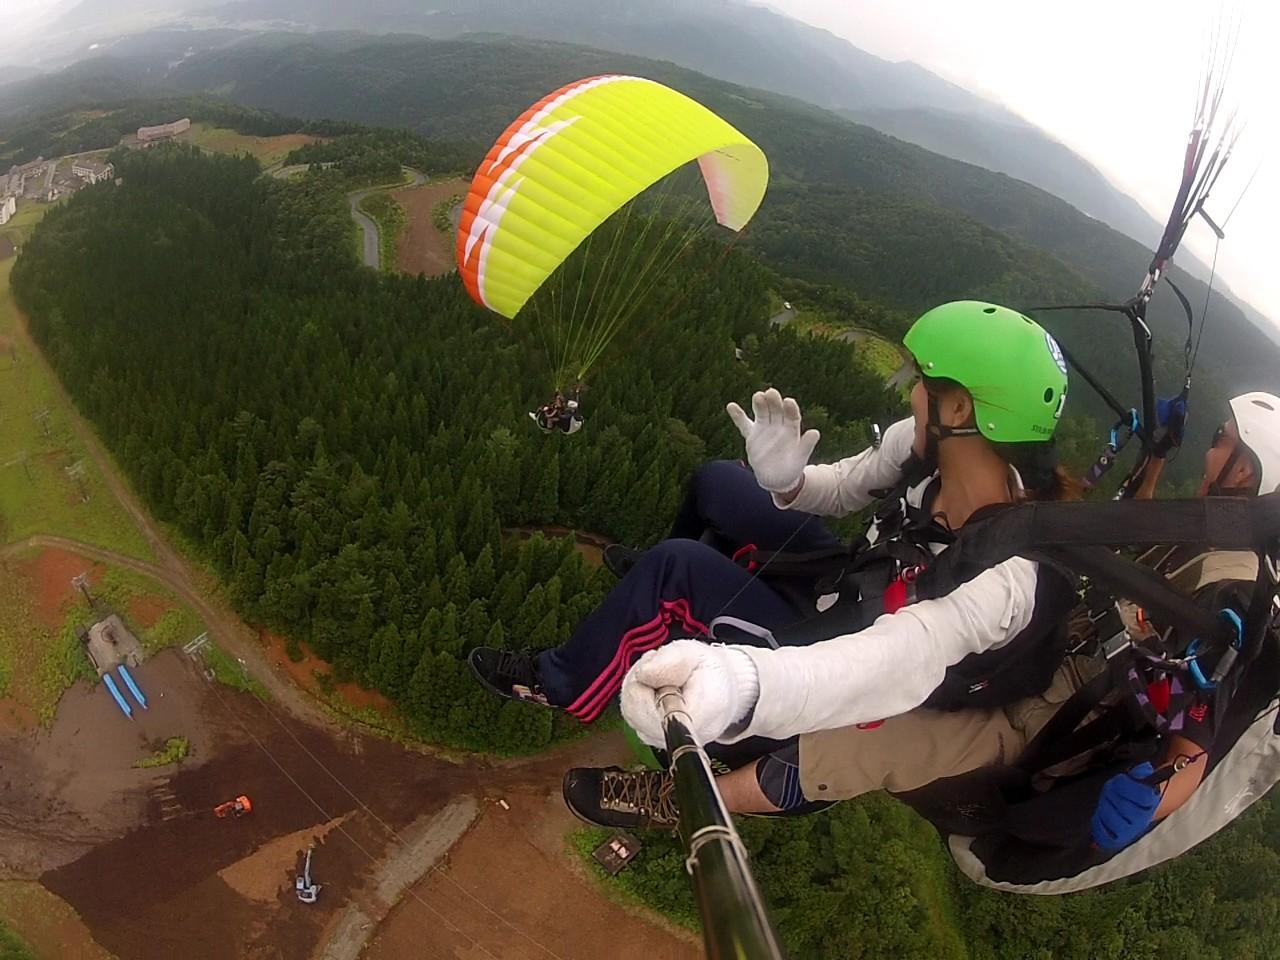 スキージャム勝山でタンデムフライト【2人乗り遊覧飛行】